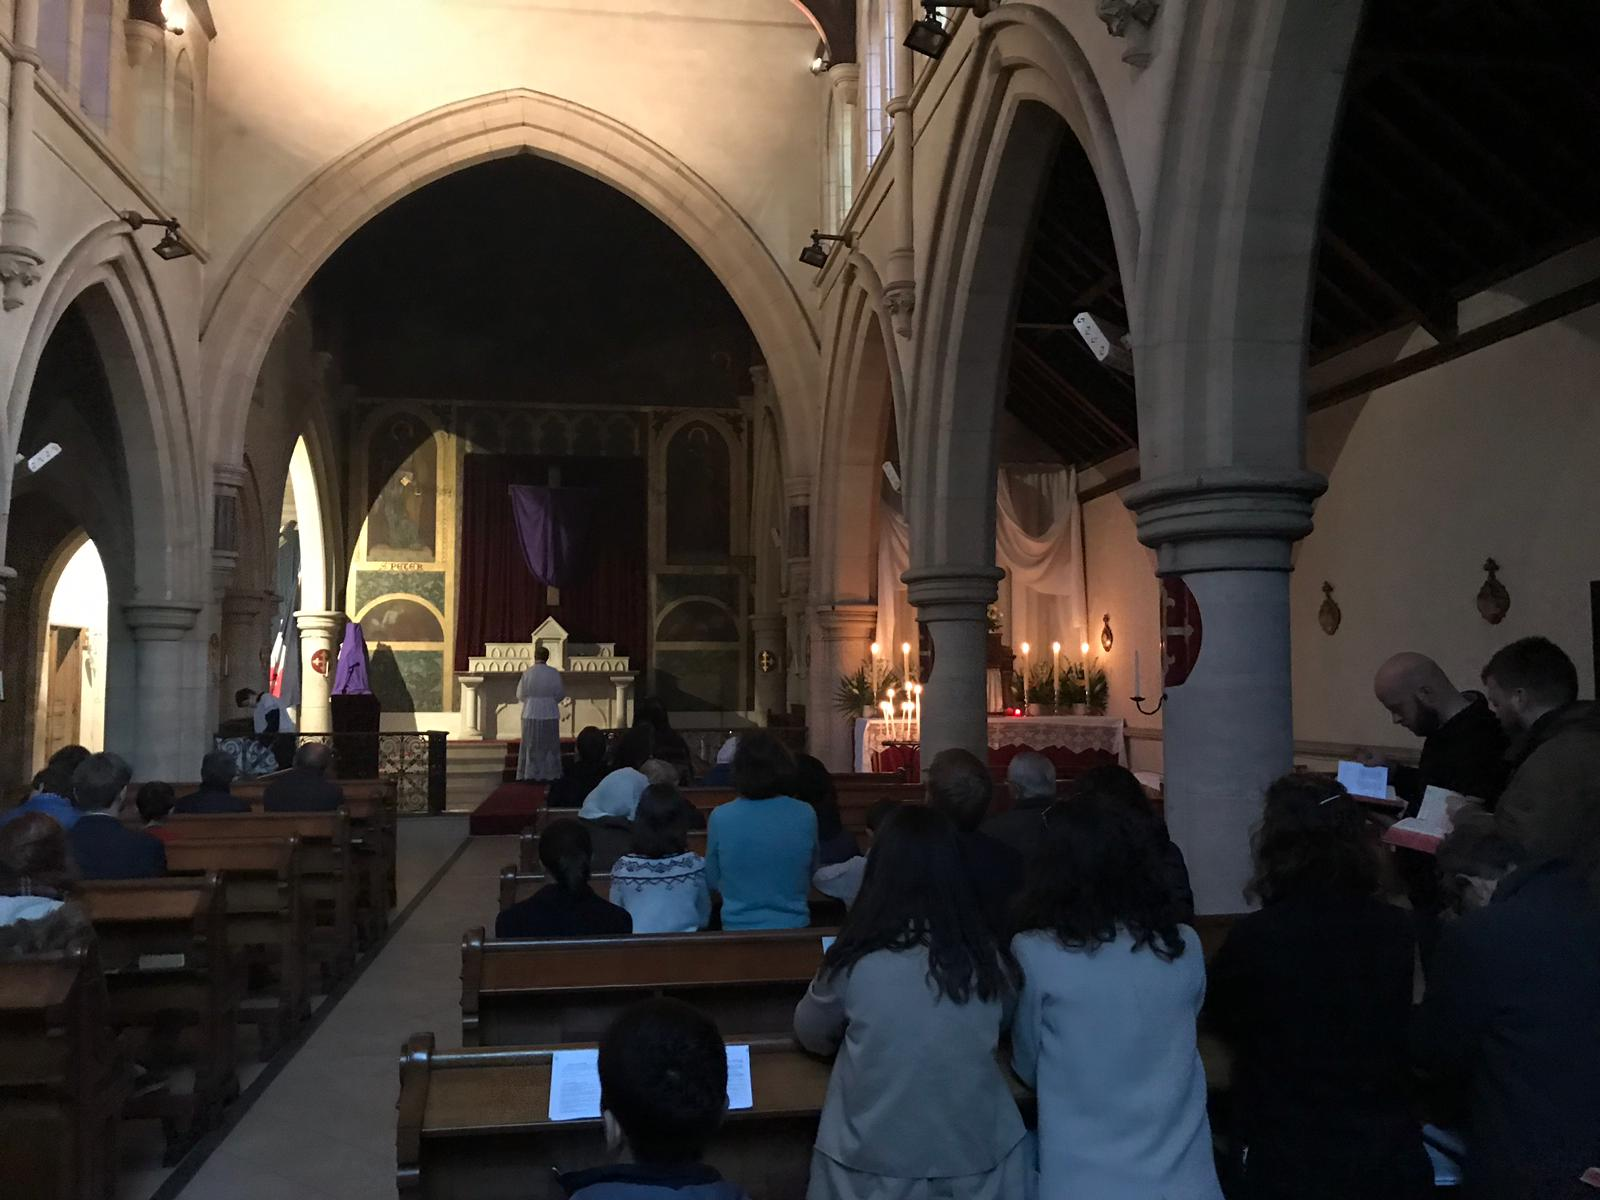 Dépouillement de l'autel (Après la messe, et la procession au reposoir)